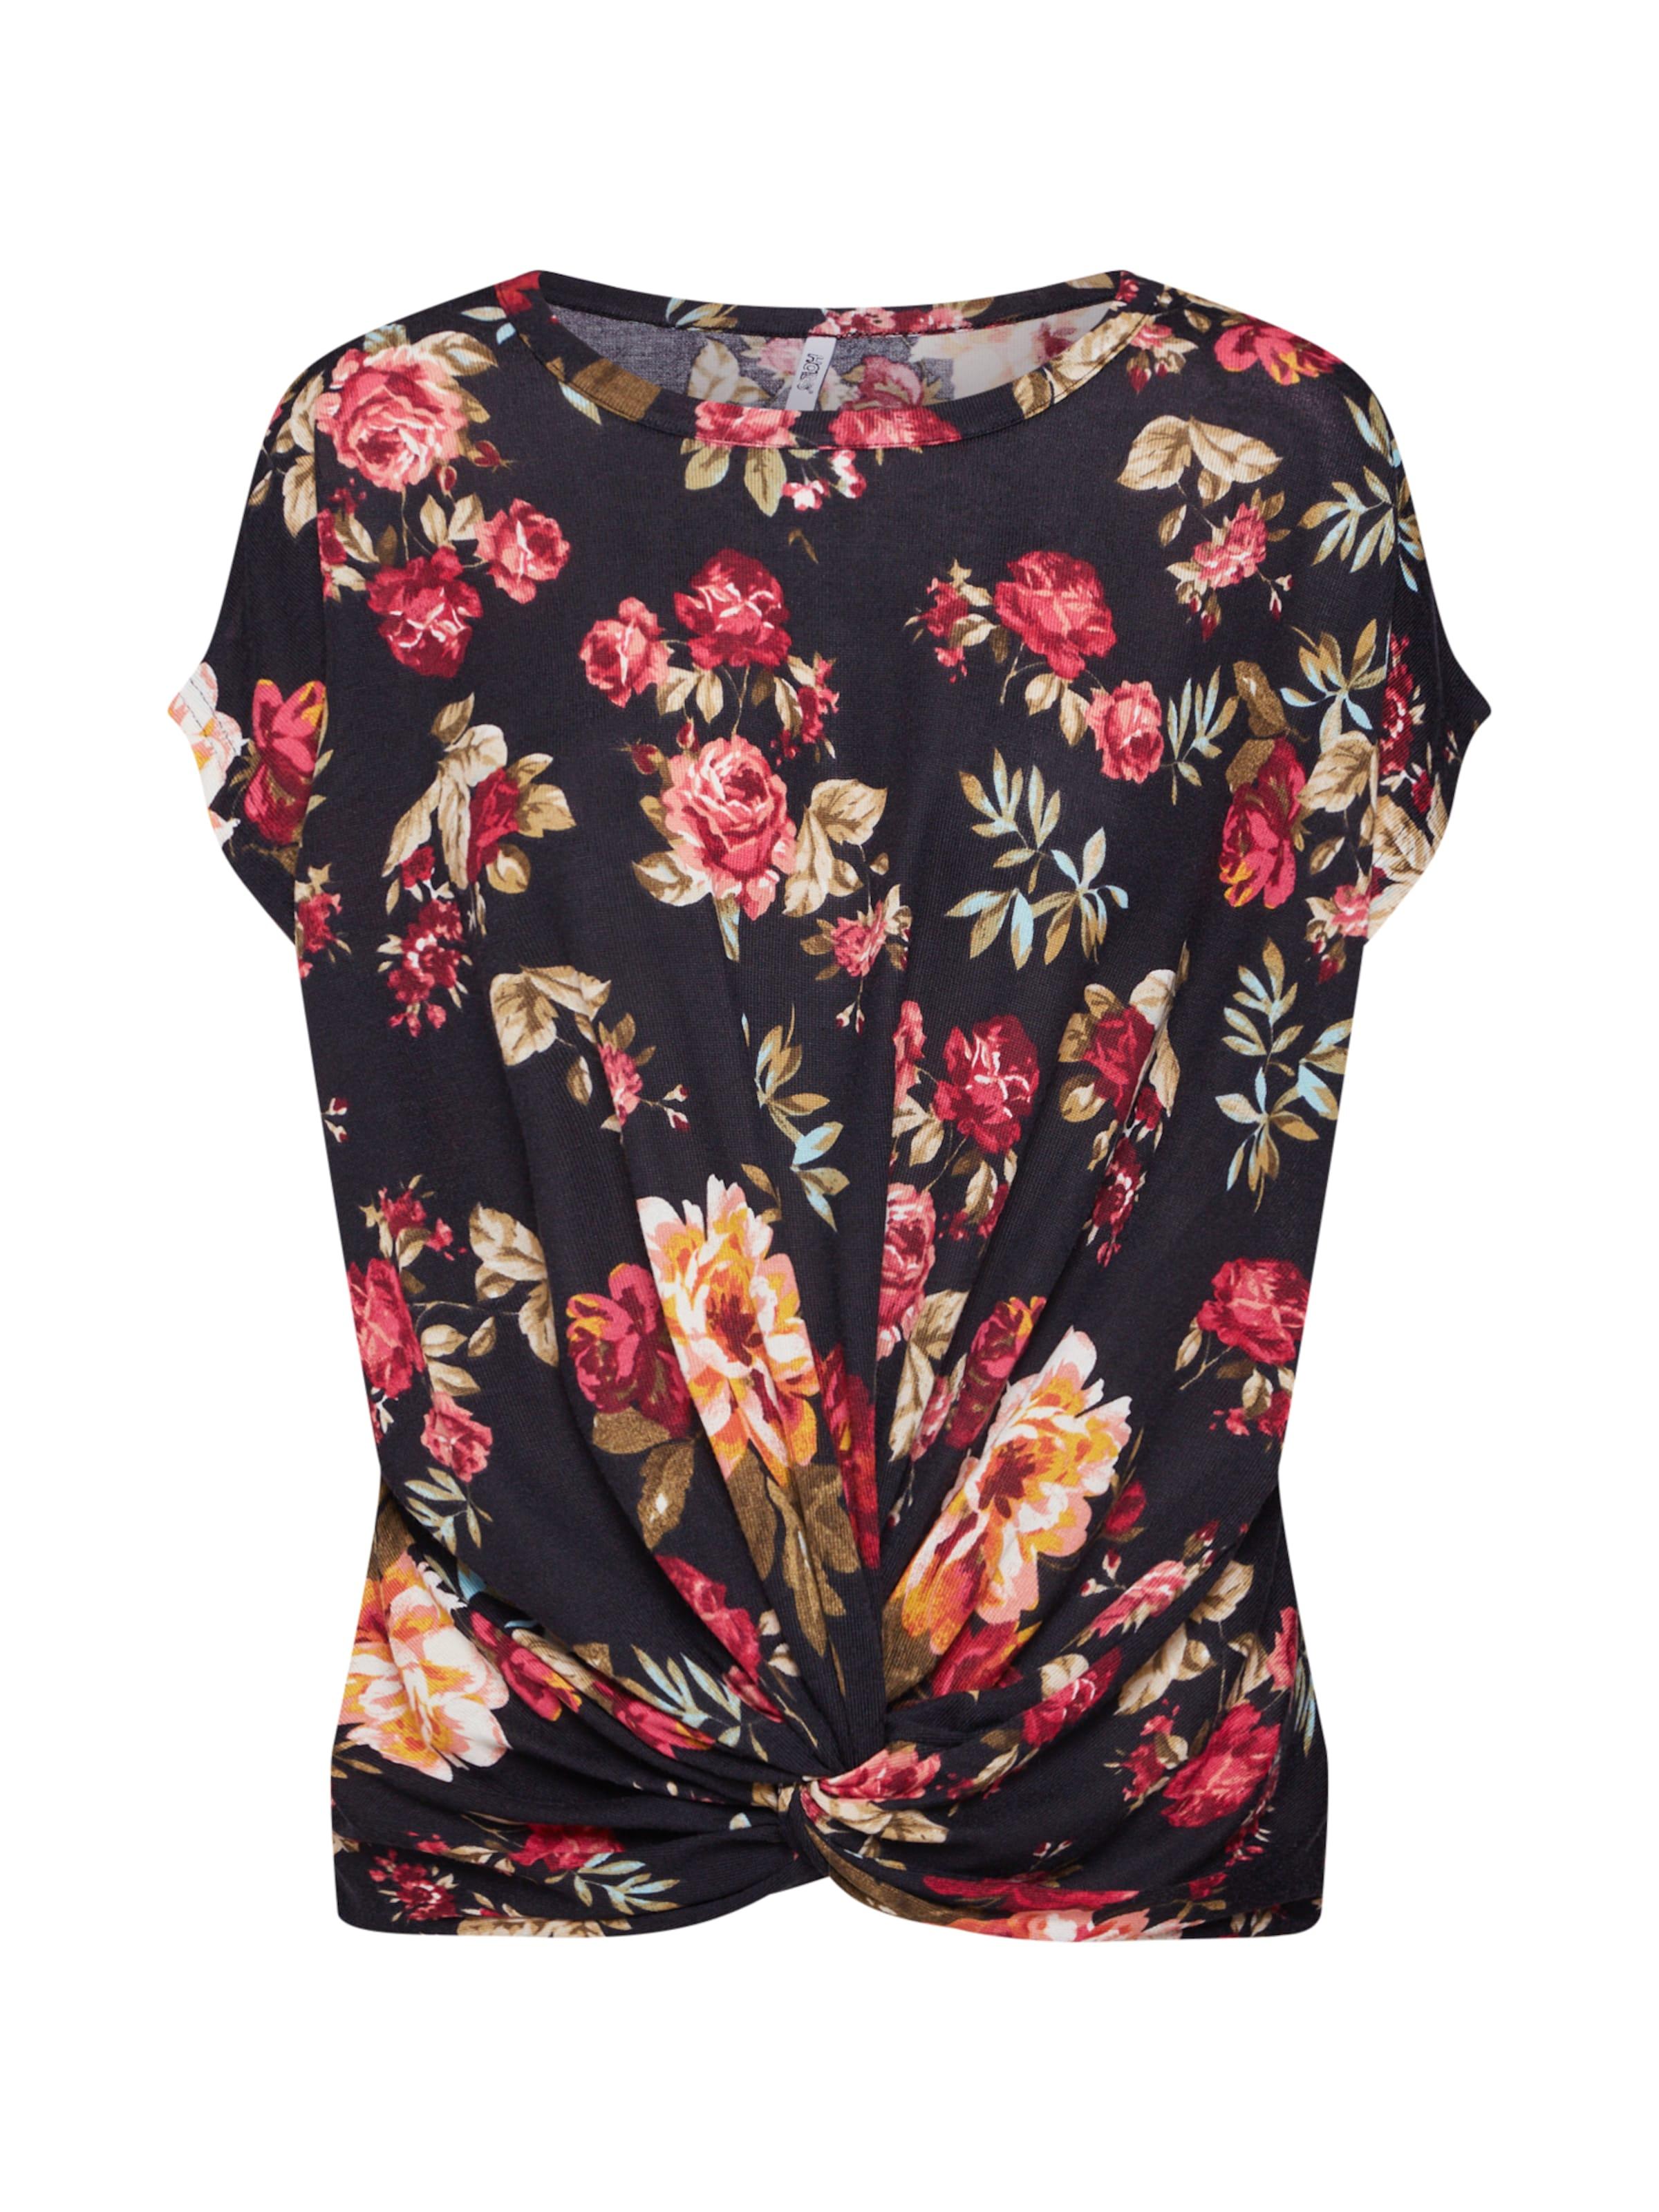 shirt 'ss P In Hailys Jola' Tp MischfarbenSchwarz T 4RqSc5jL3A